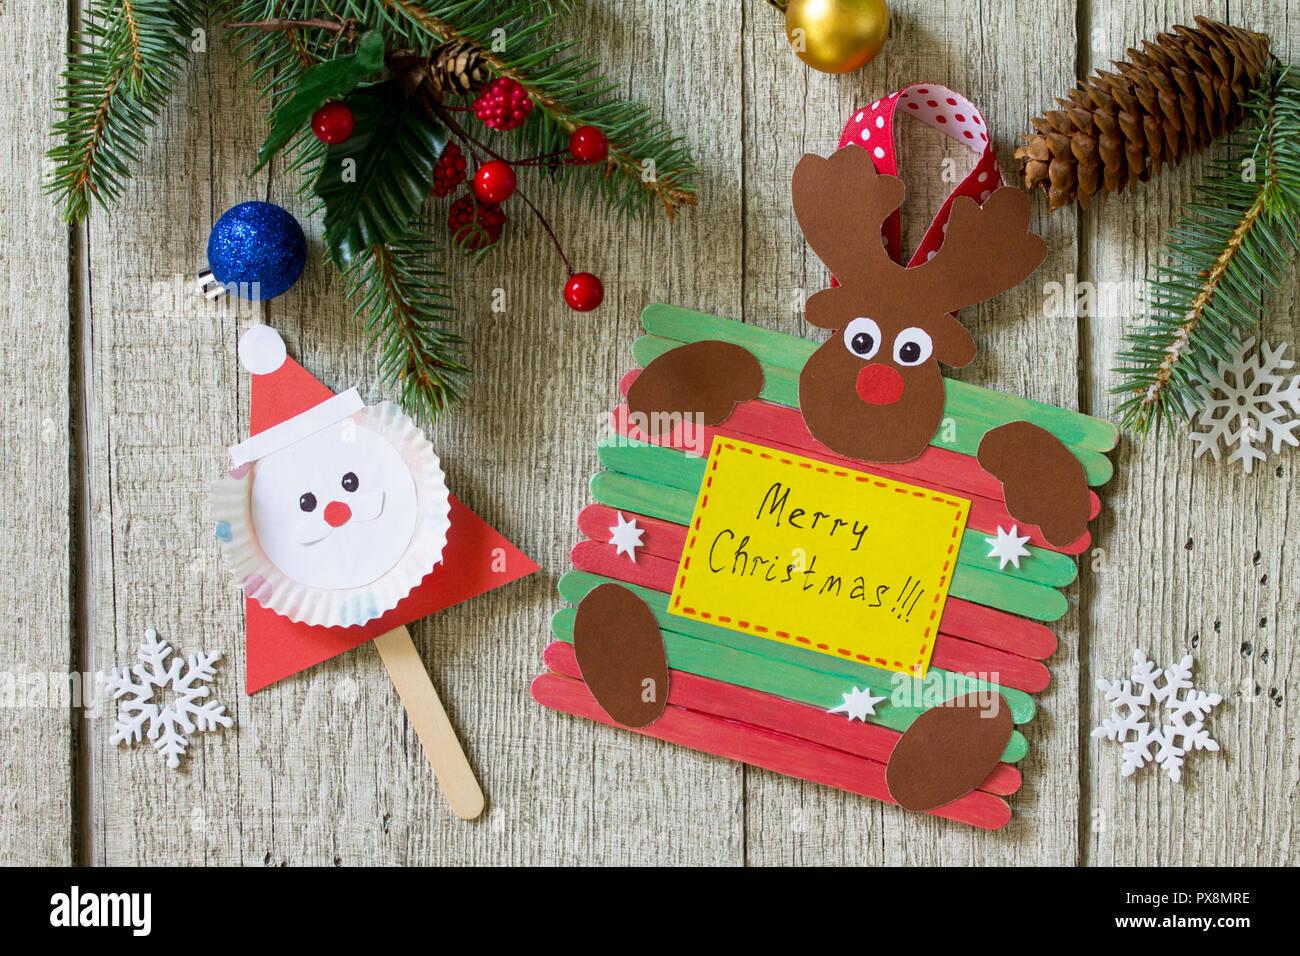 Frohe Weihnachten Geschenk auf Holztisch - Weihnachtsmann und ...